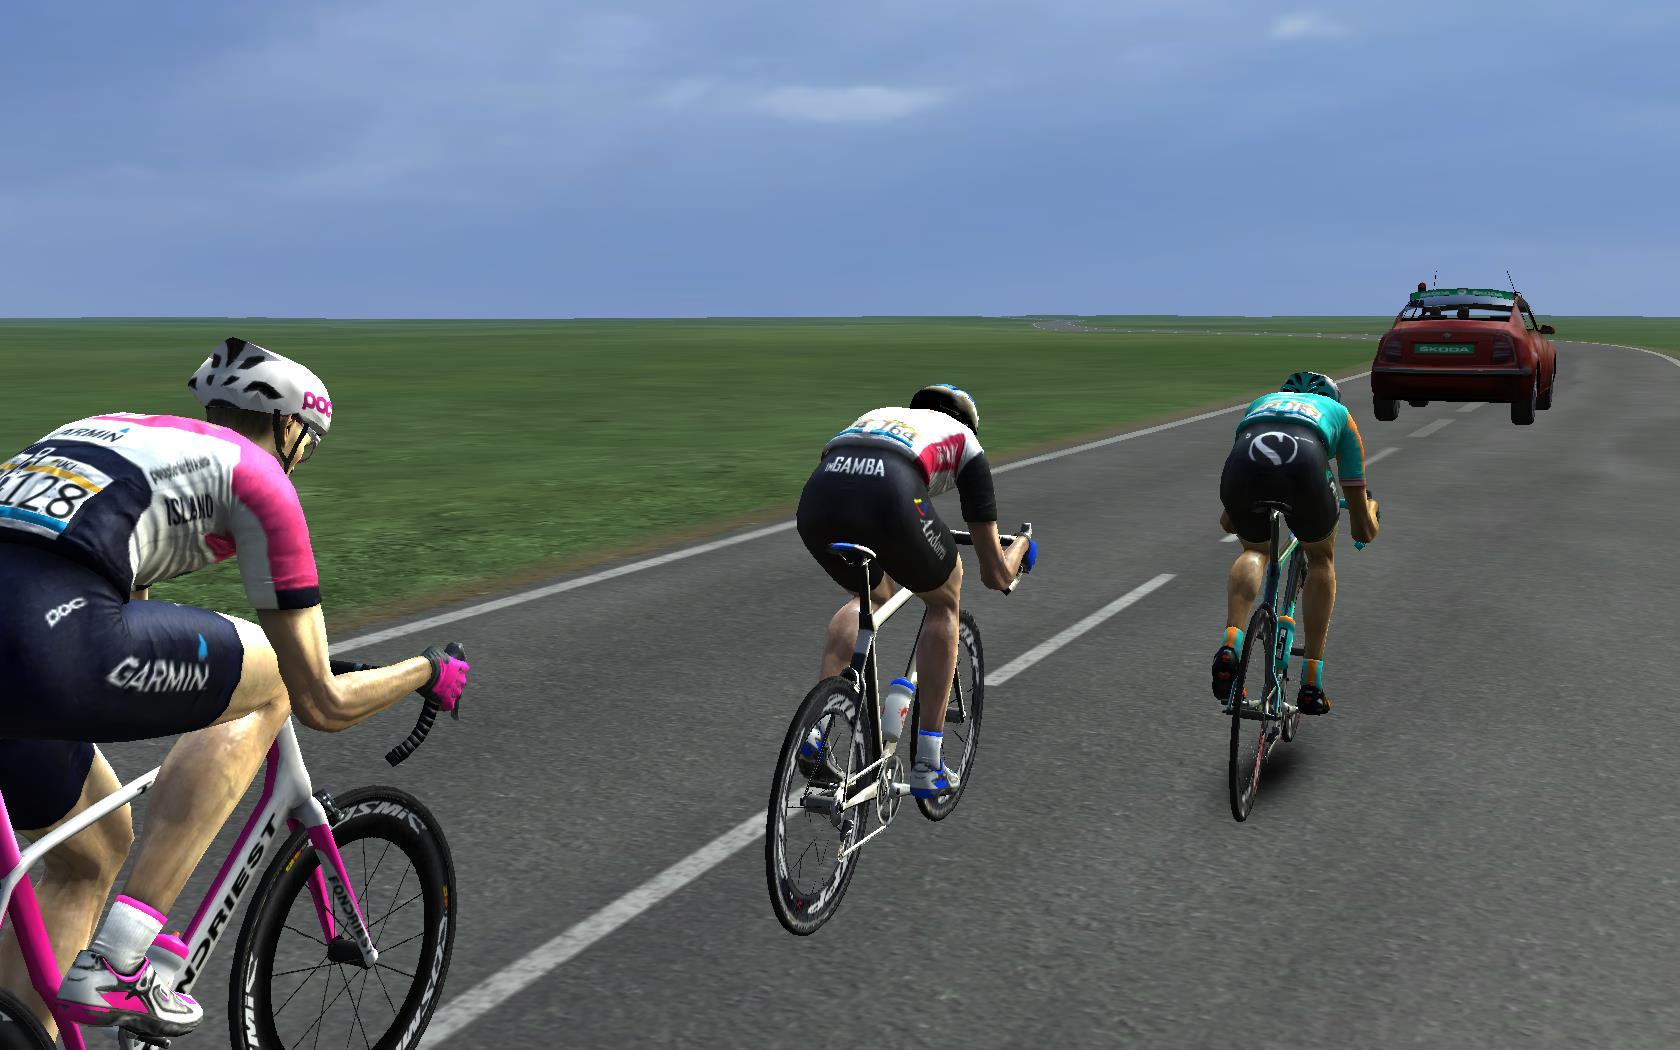 pcmdaily.com/images/mg/2018/Races/C2HC/ParisTours/PCM0004.jpg